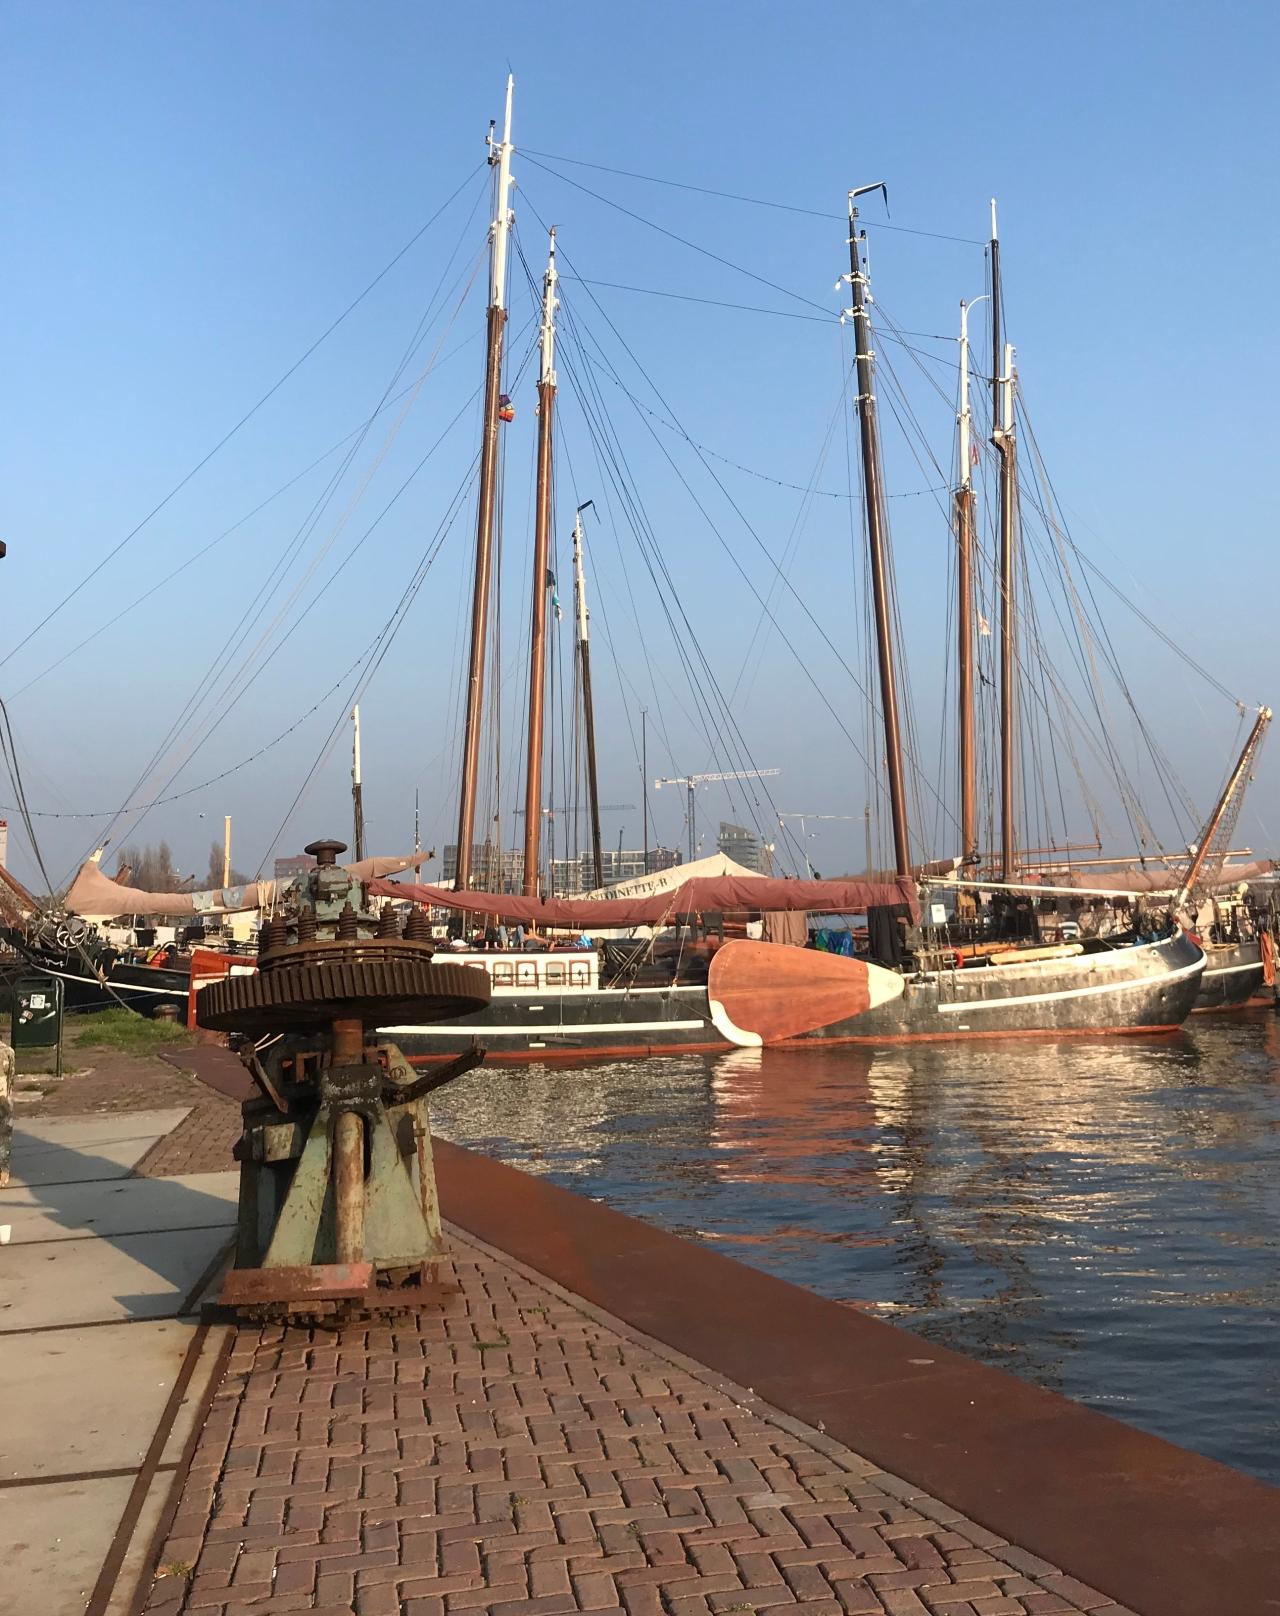 Op weg naar Zaanse Schans, blijven steken inAmsterdam